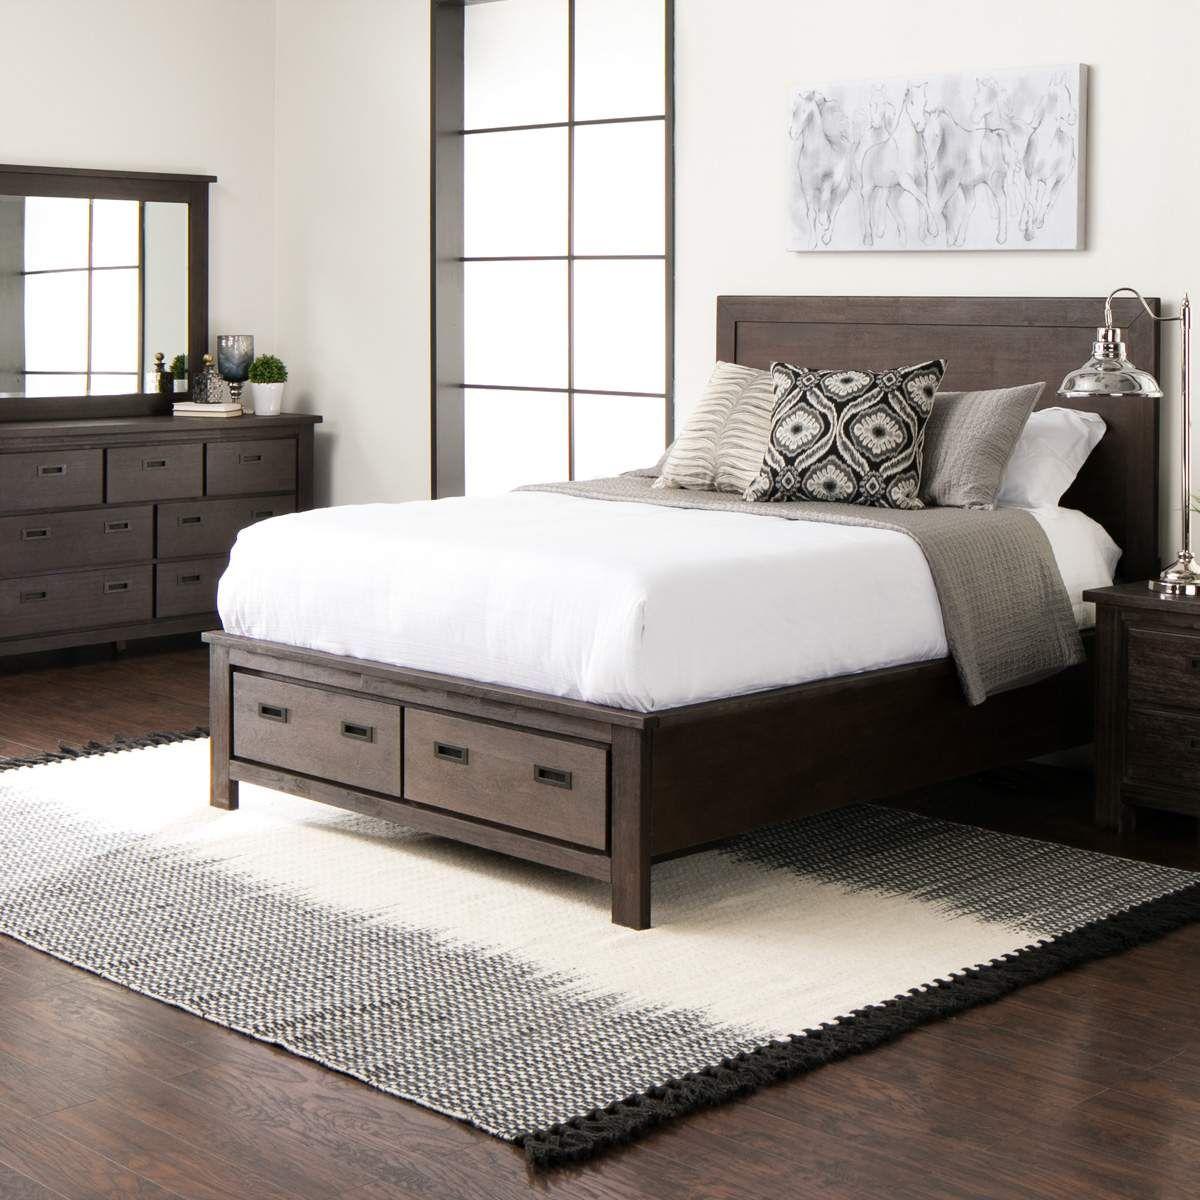 Parlee Bedroom Furniture Sets Cheap Bedroom Furniture Furniture